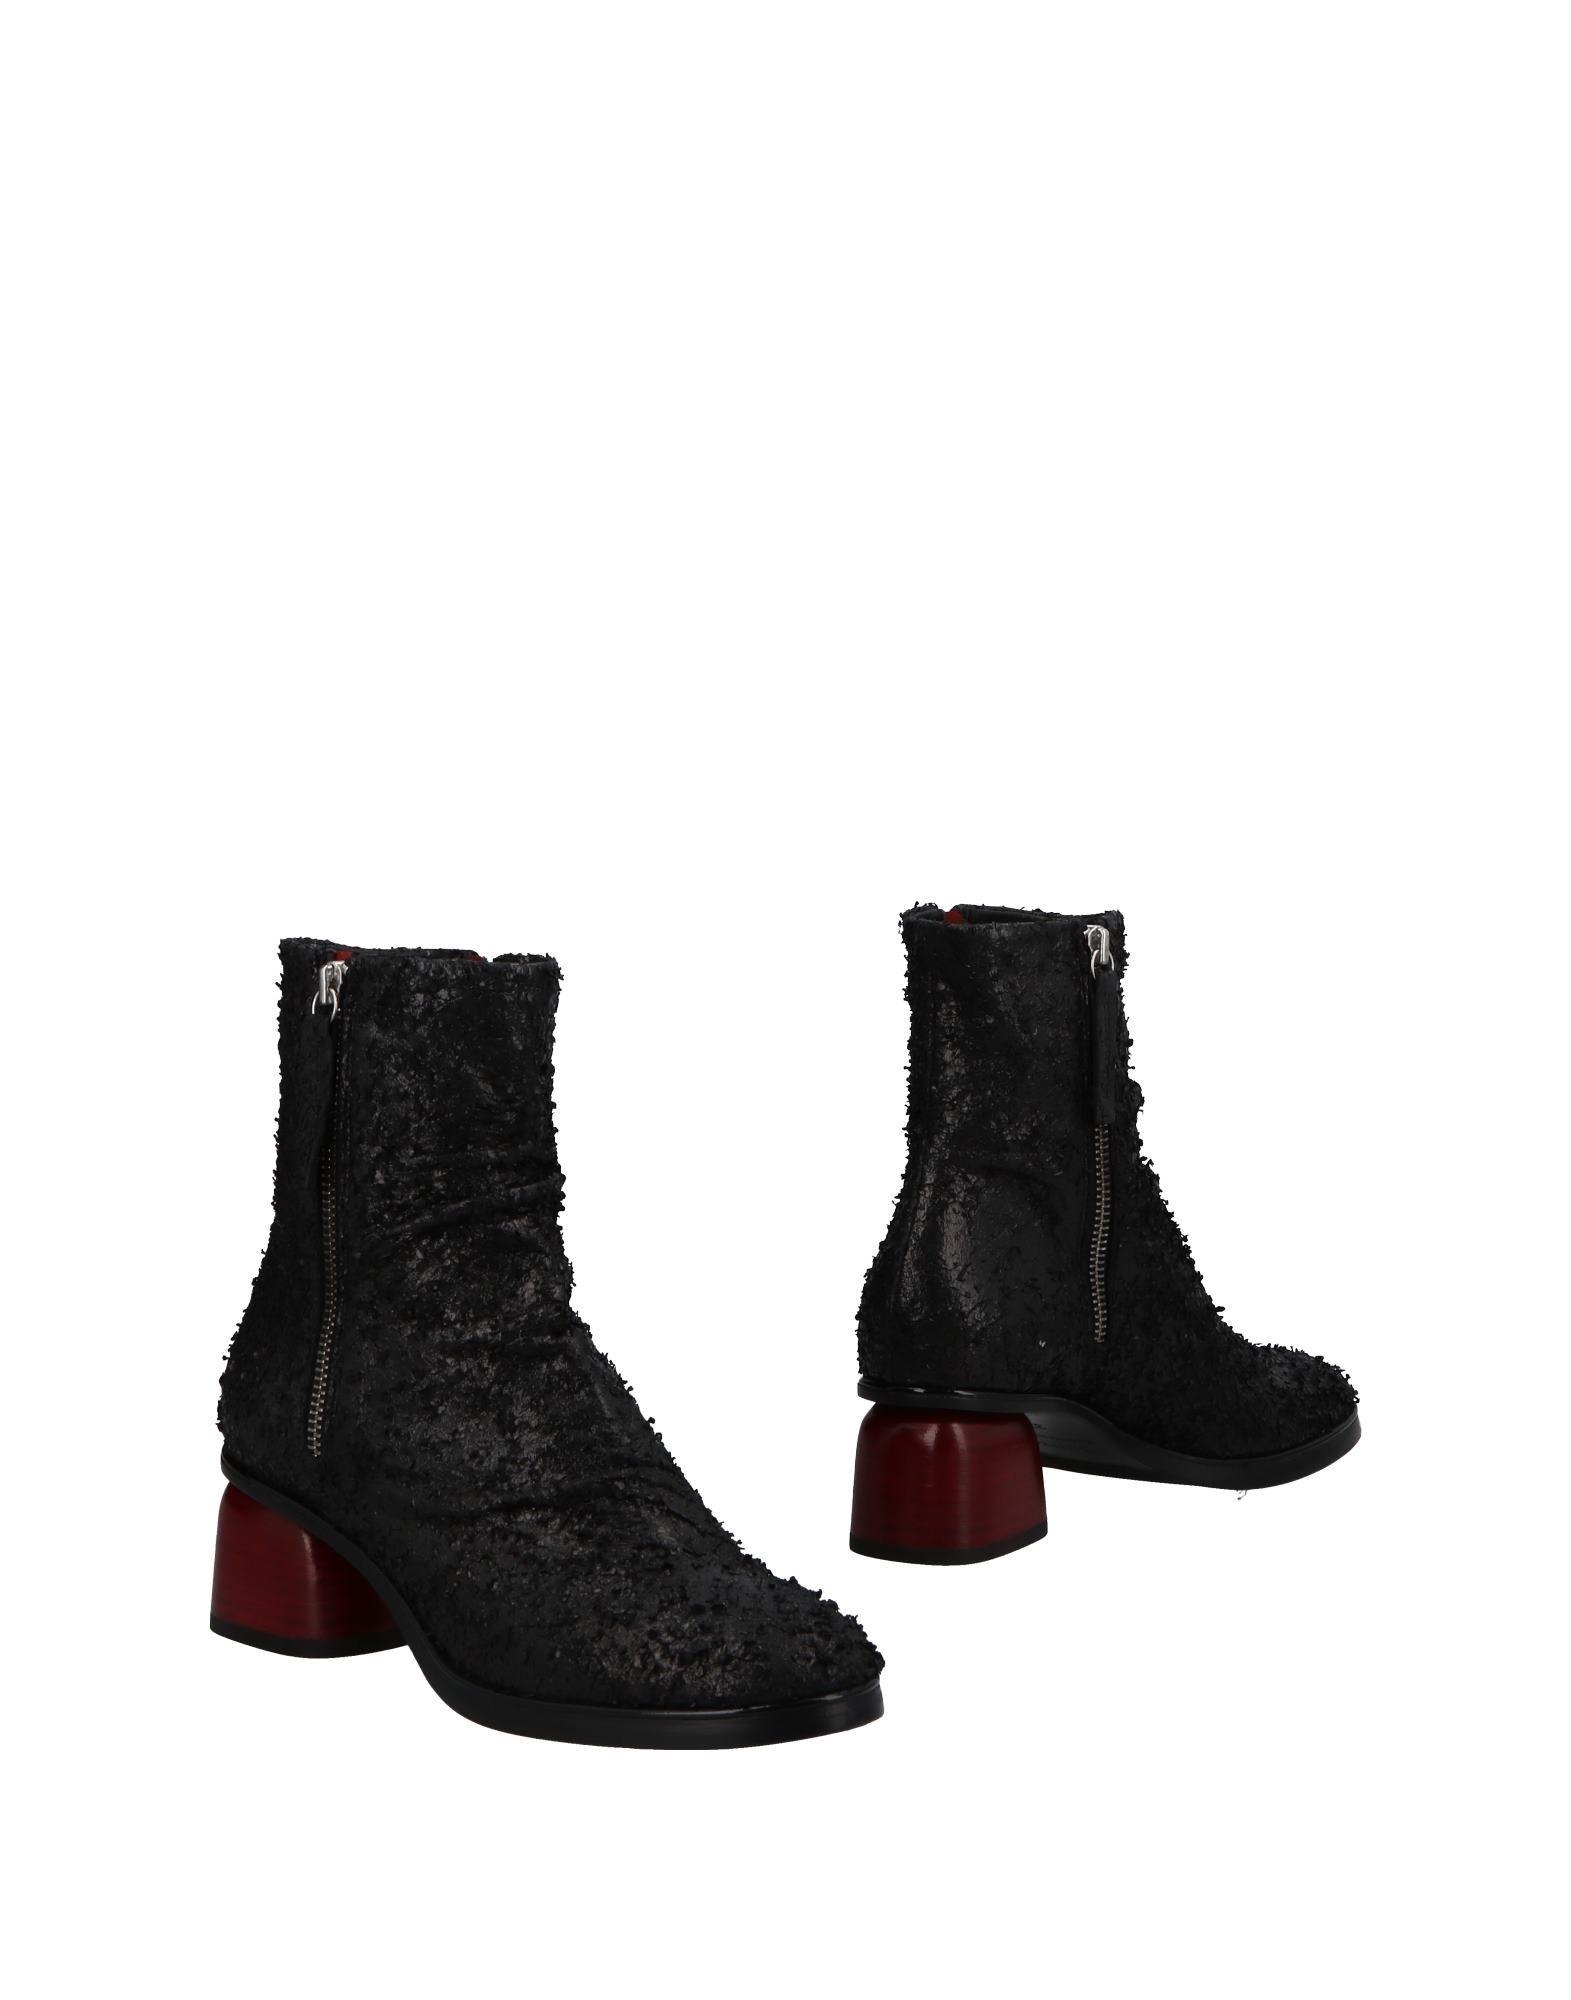 Haltbare Mode billige Schuhe Halmanera Stiefelette Damen Schuhe  11492726SB Heiße Schuhe Damen 9745f7